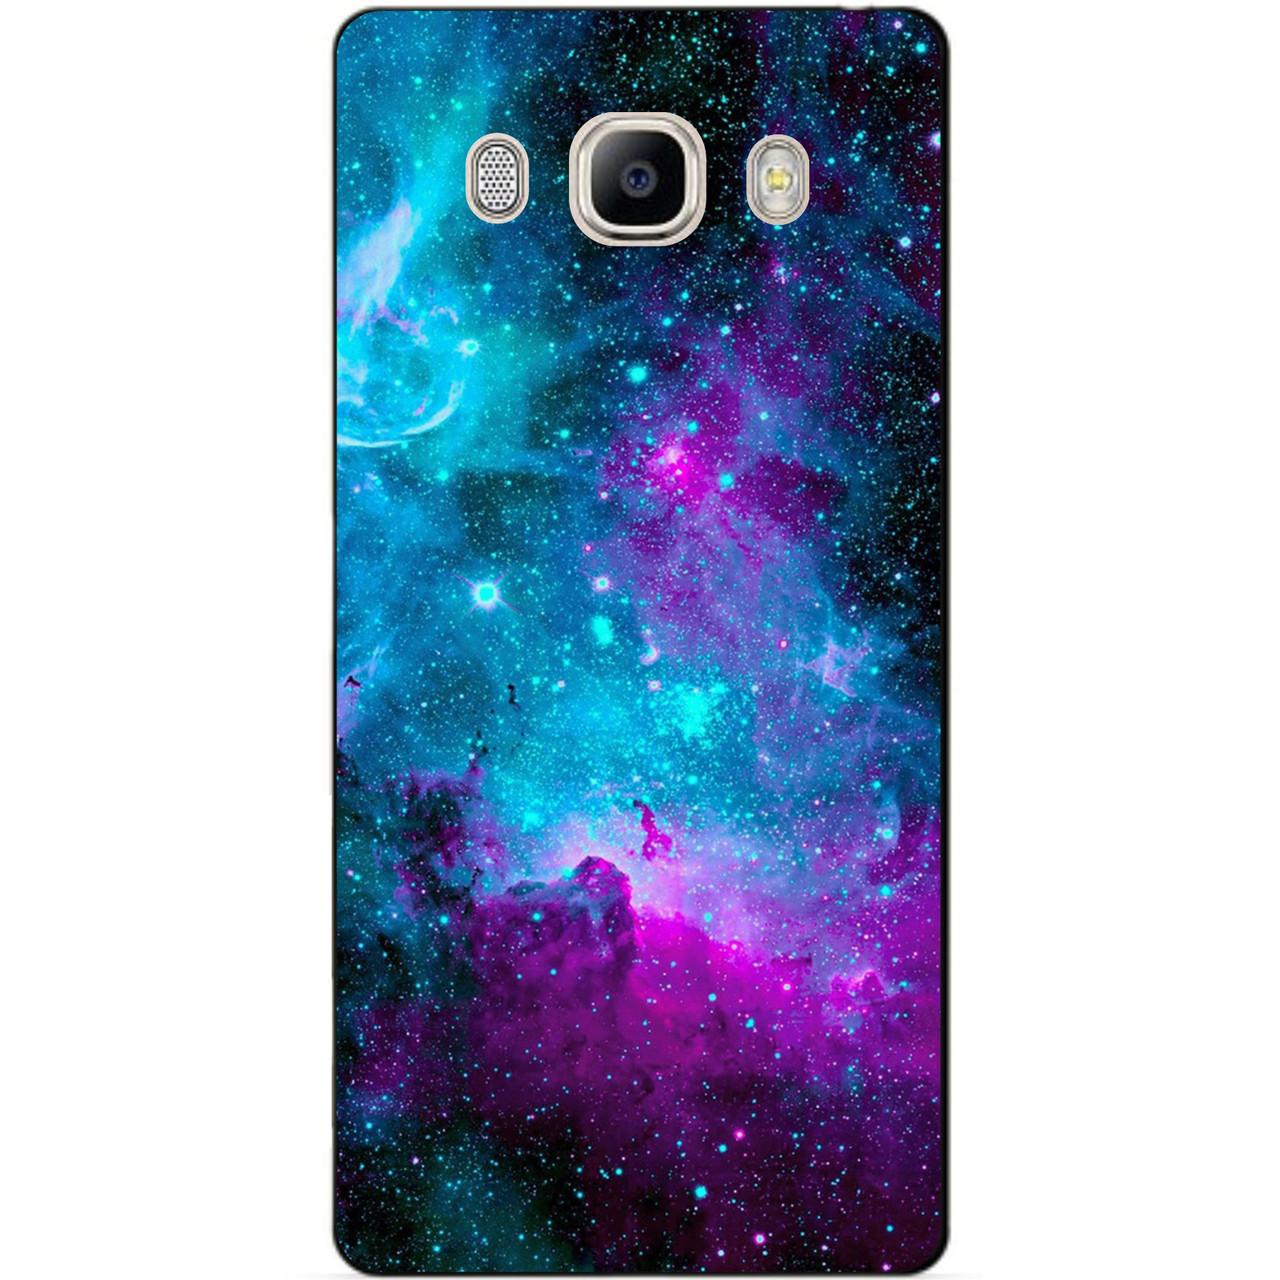 Силиконовый чехол бампер для Samsung J7 2016 Galaxy J710 с рисунком Галактика